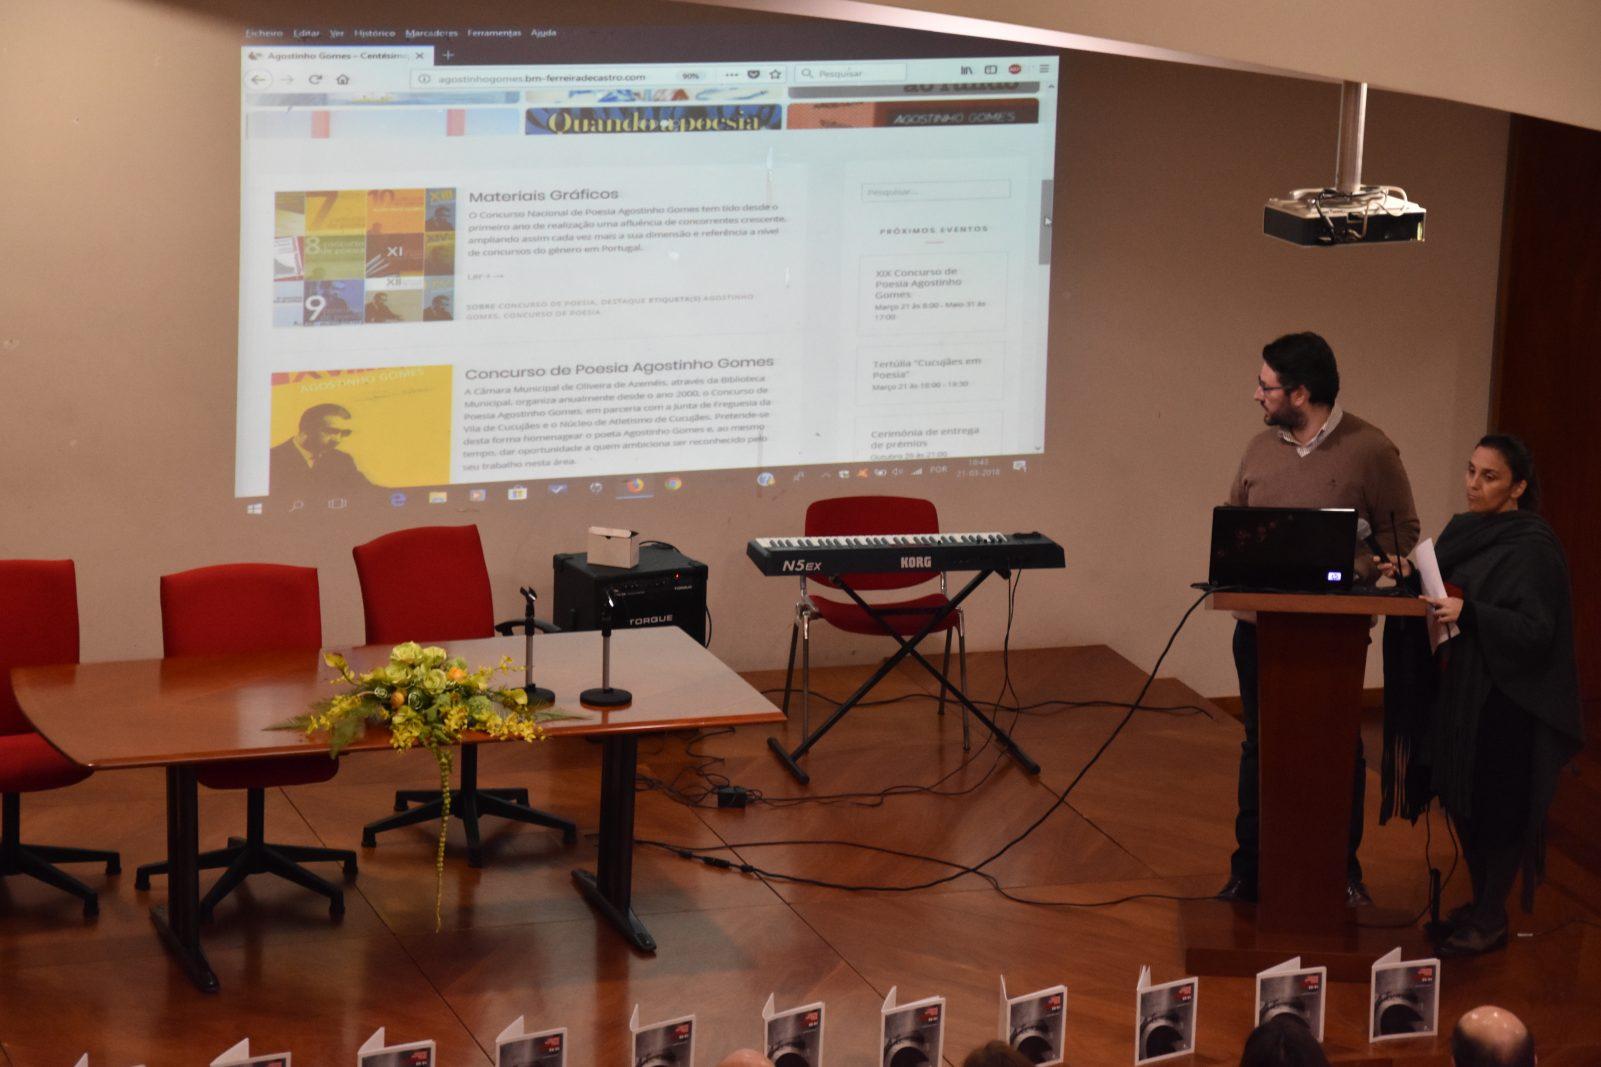 Apresentação do site agostinhogomes.bm-ferreiradecastro.com